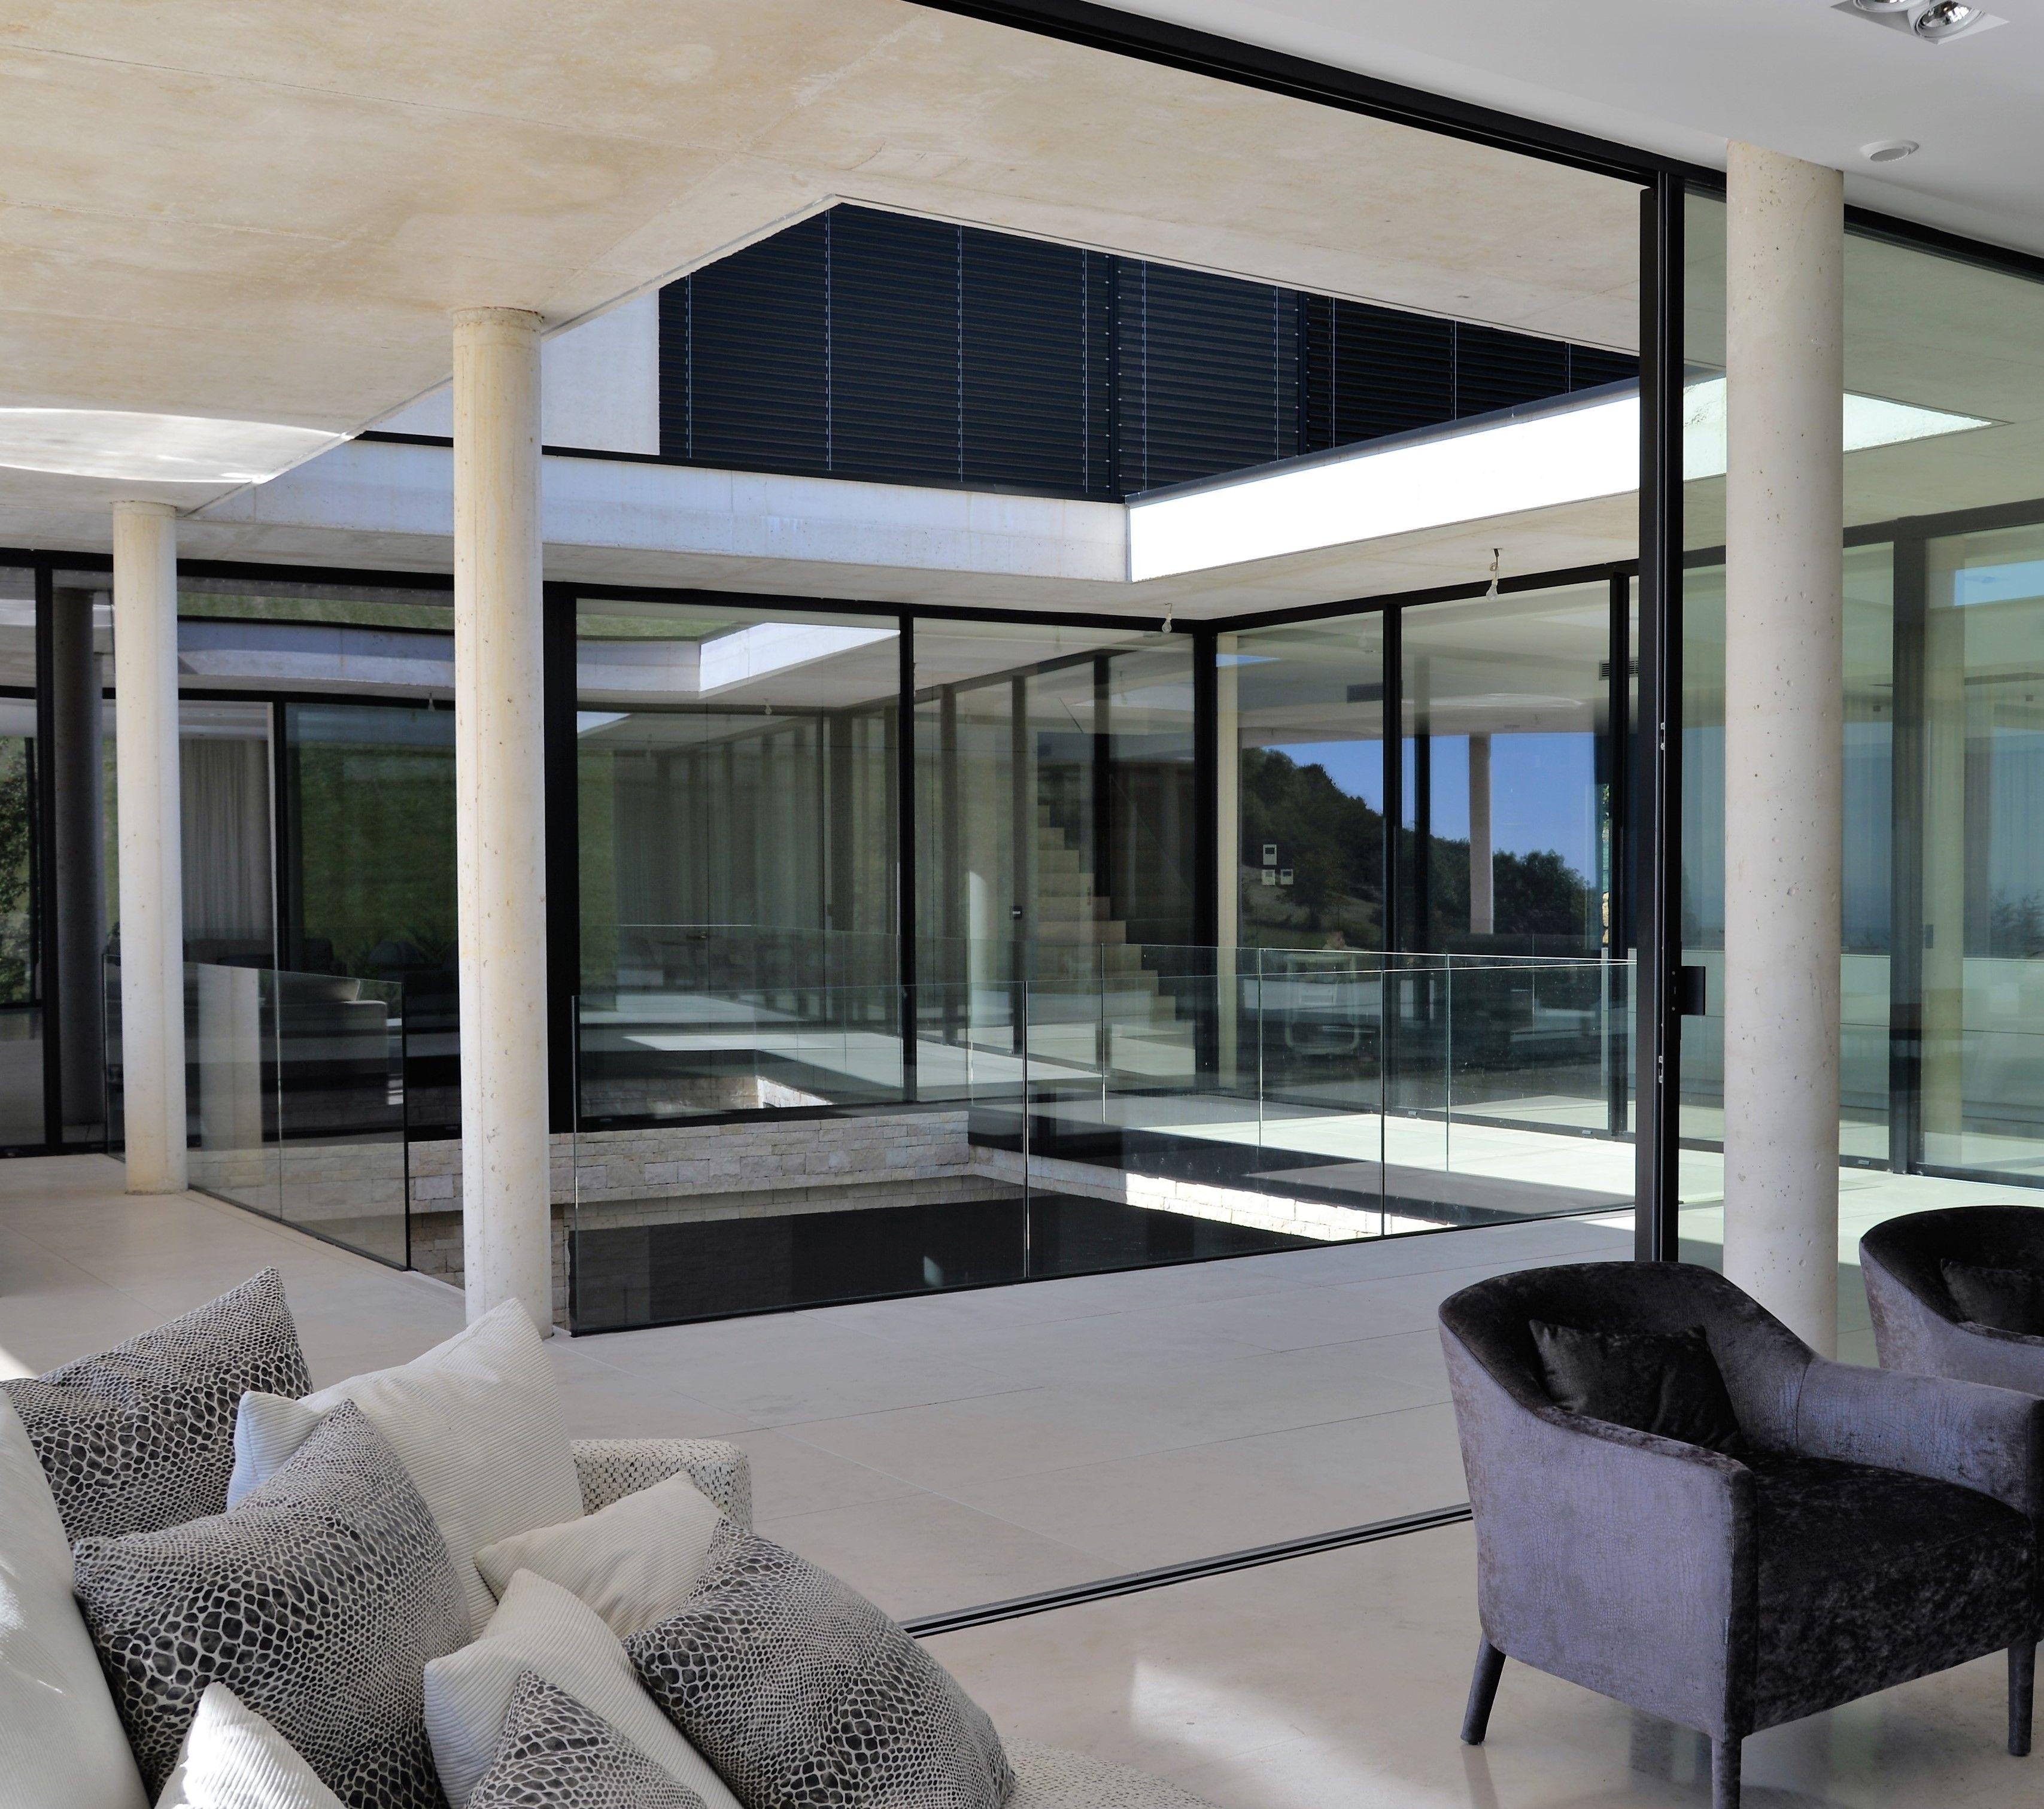 Maison moderne lyon architectes lyon for Architecte lyon maison contemporaine